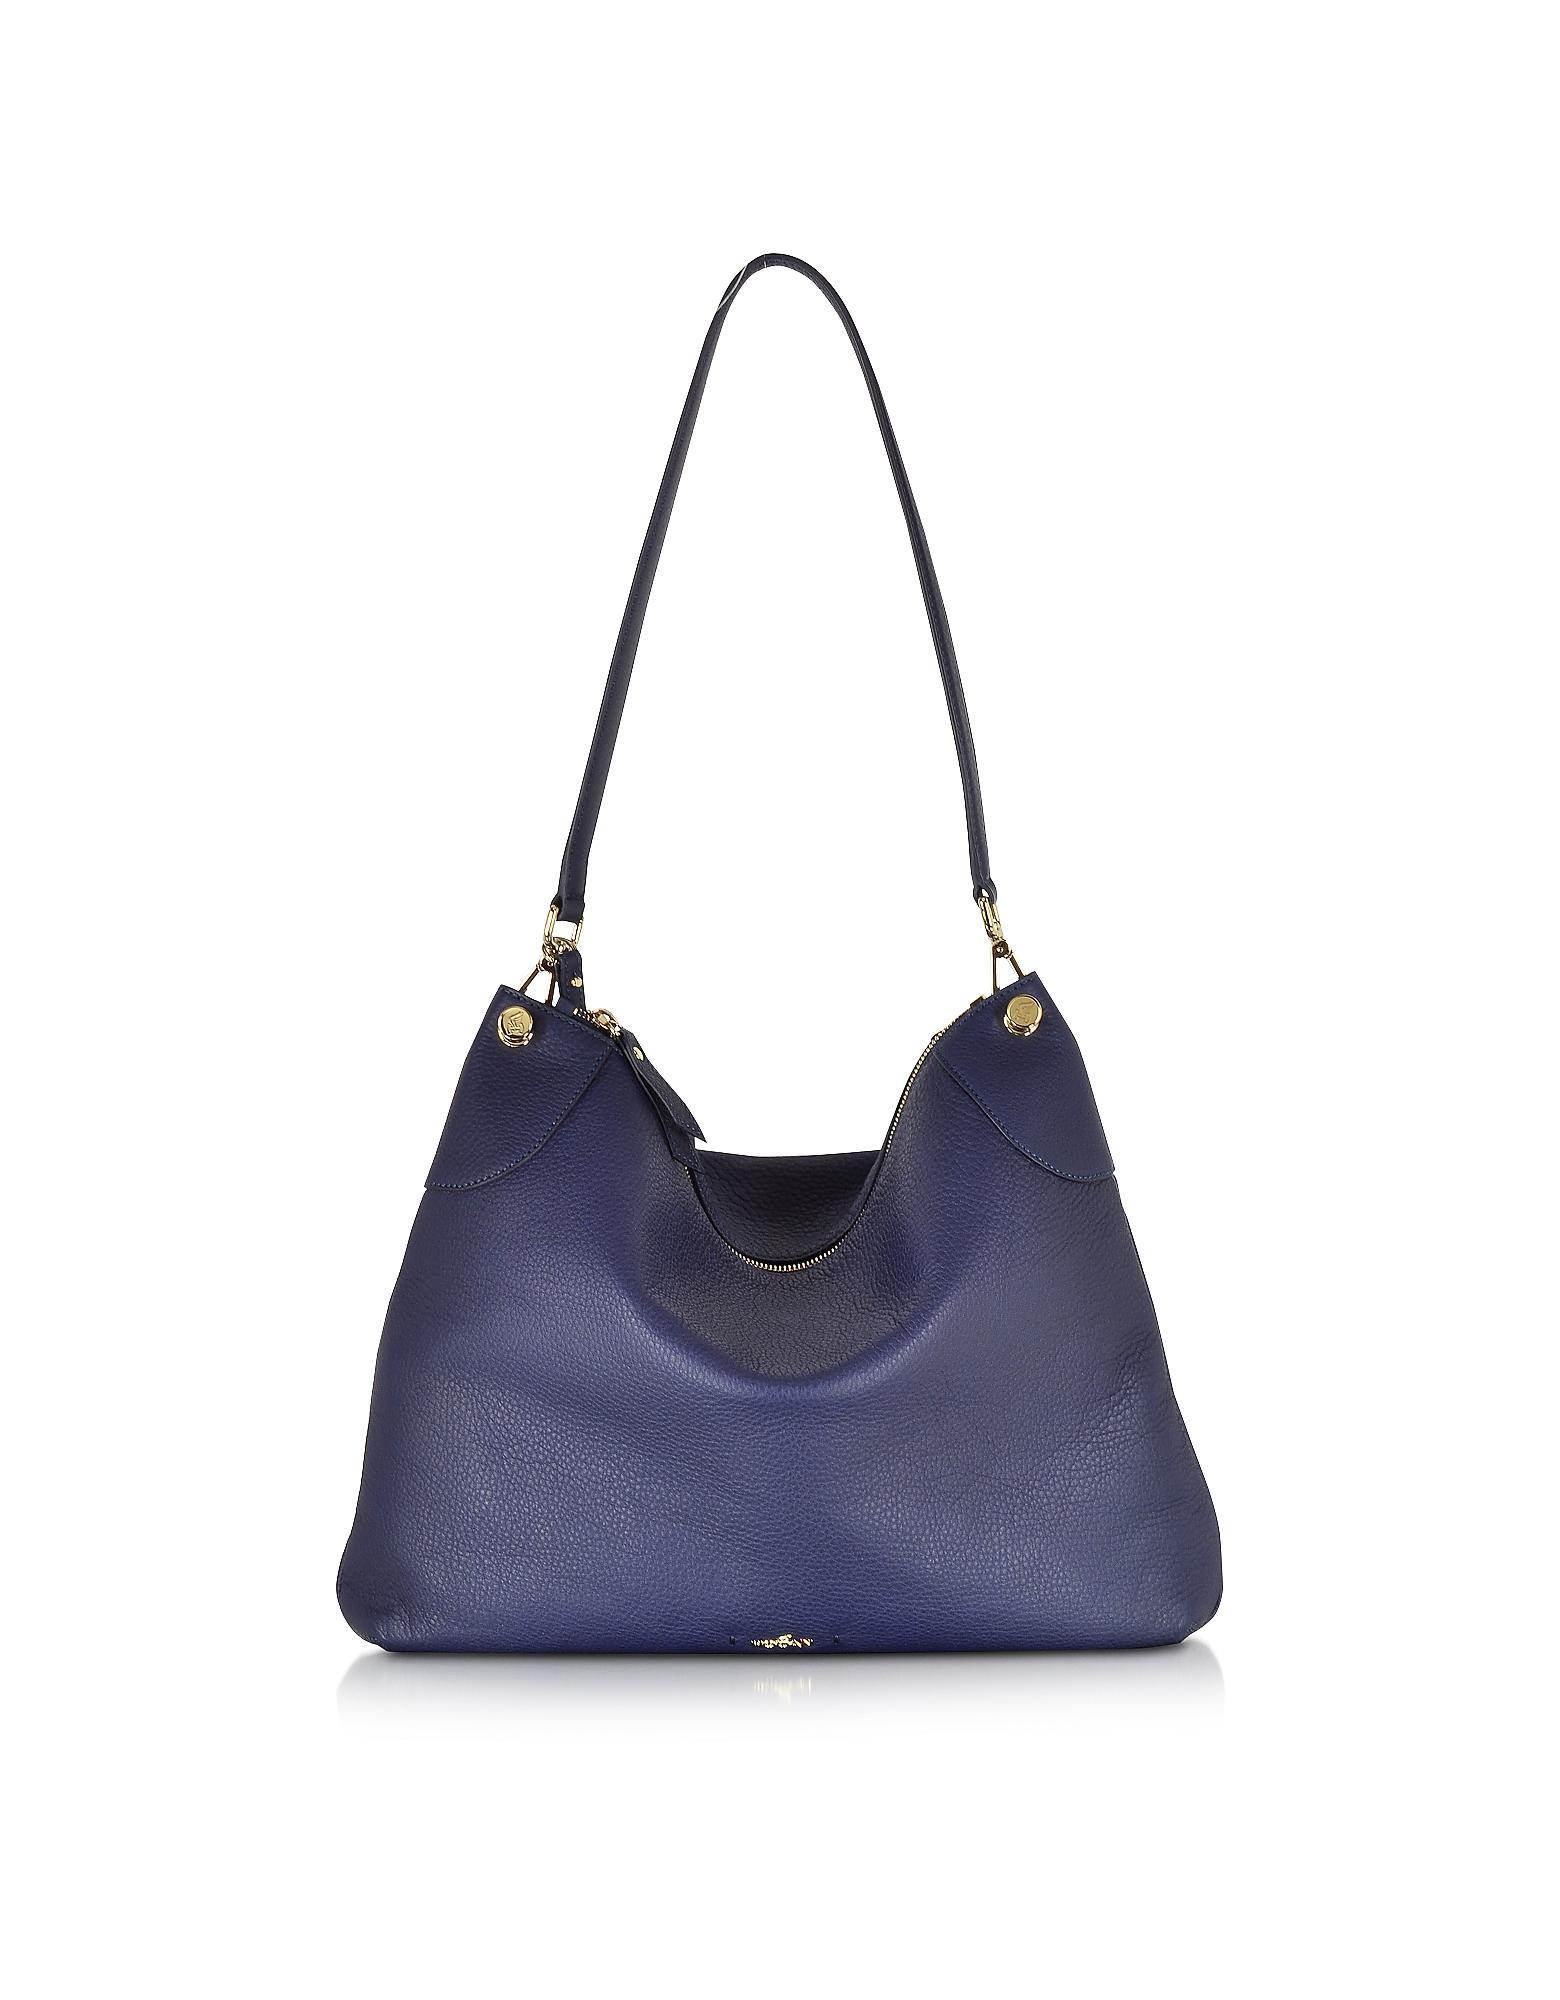 9409acbd9f Hogan Leather Hobo Bag in Blue - Lyst